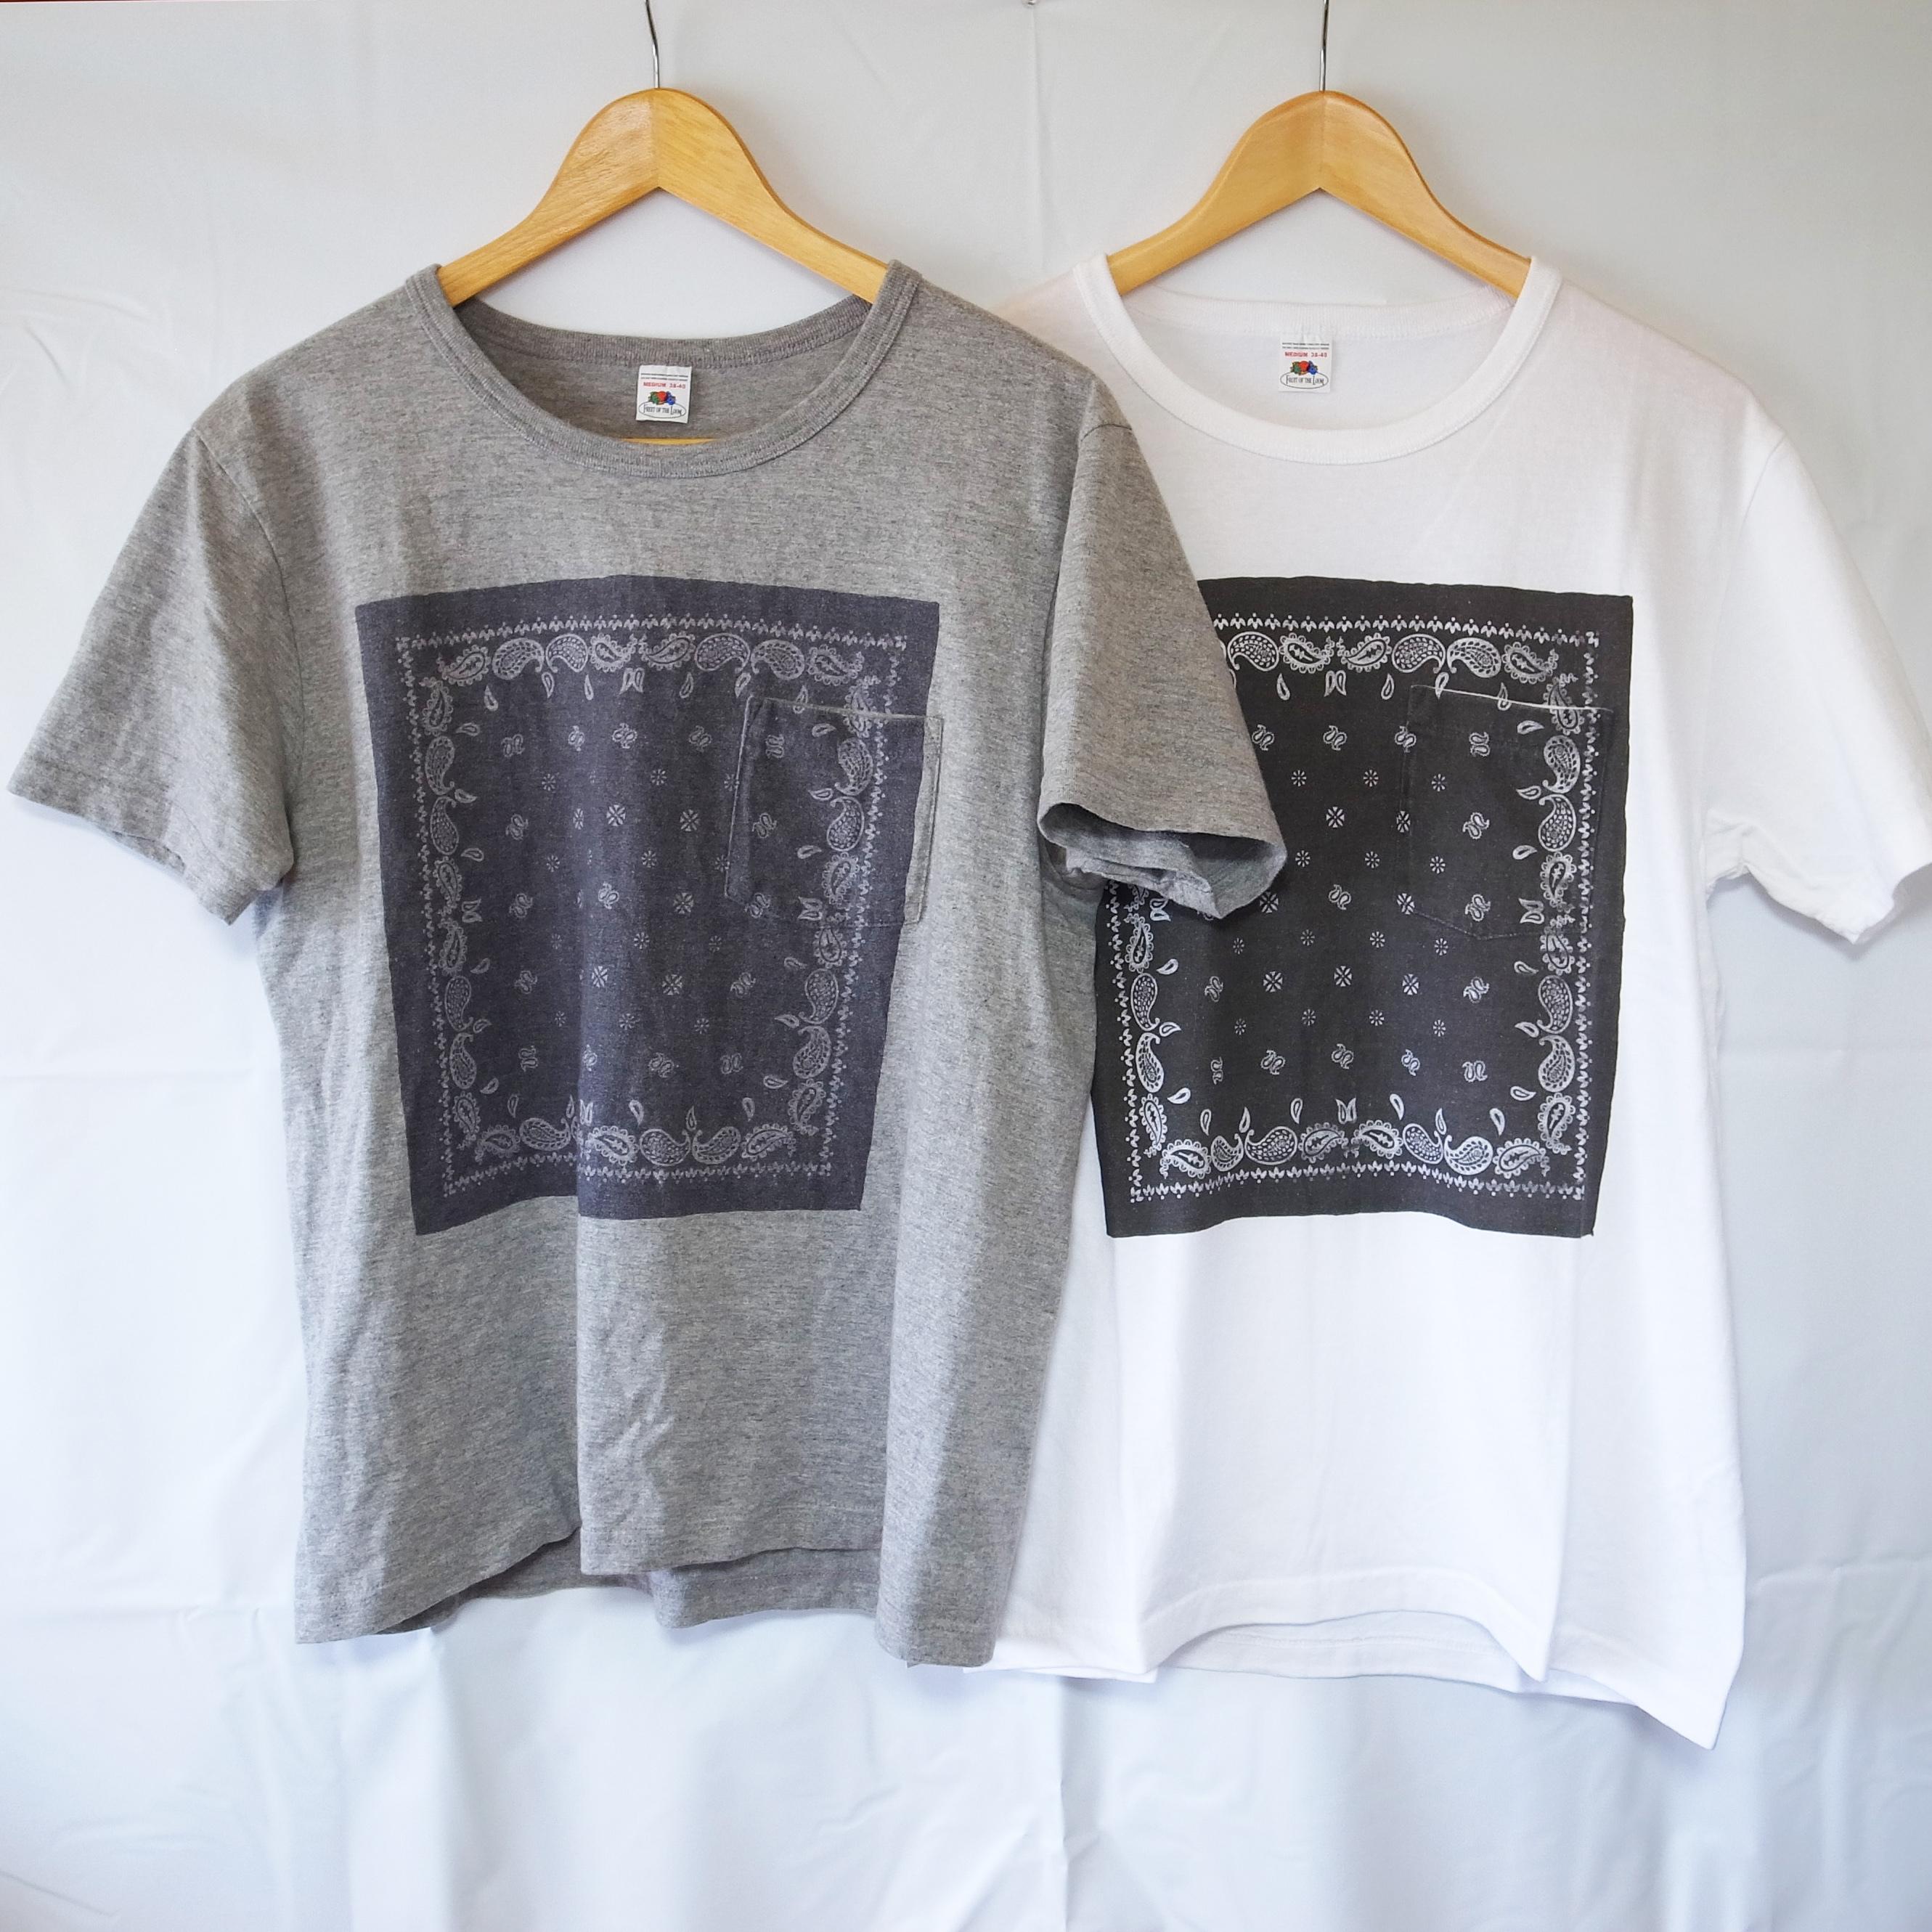 ペイズリー バンダナ柄 メンズ ポケットTシャツ